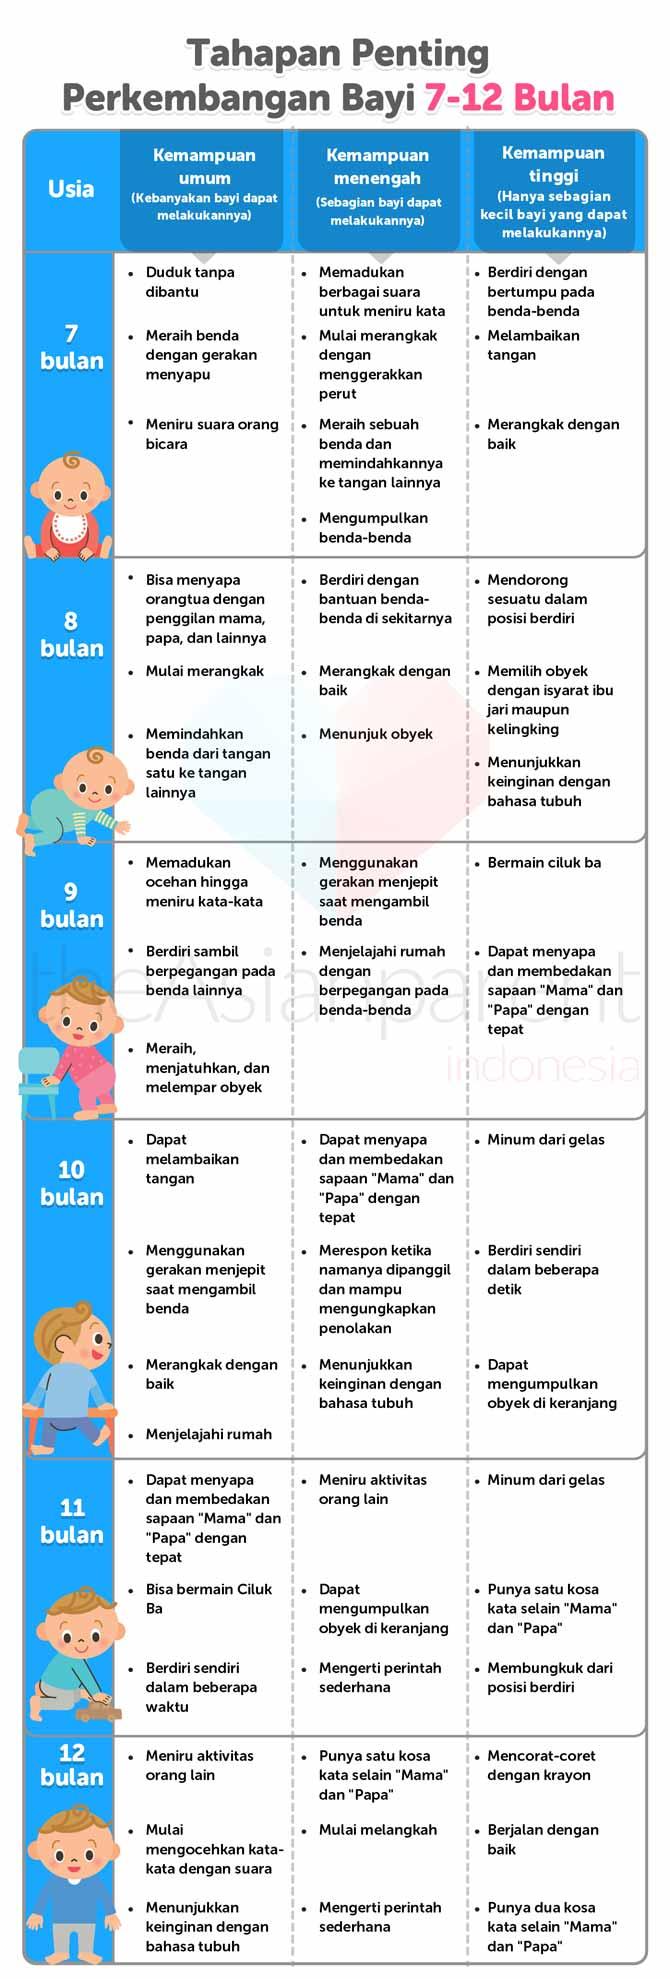 IH017 - Tabel Tumbuh Kembang Bayi 7-12 Bulan